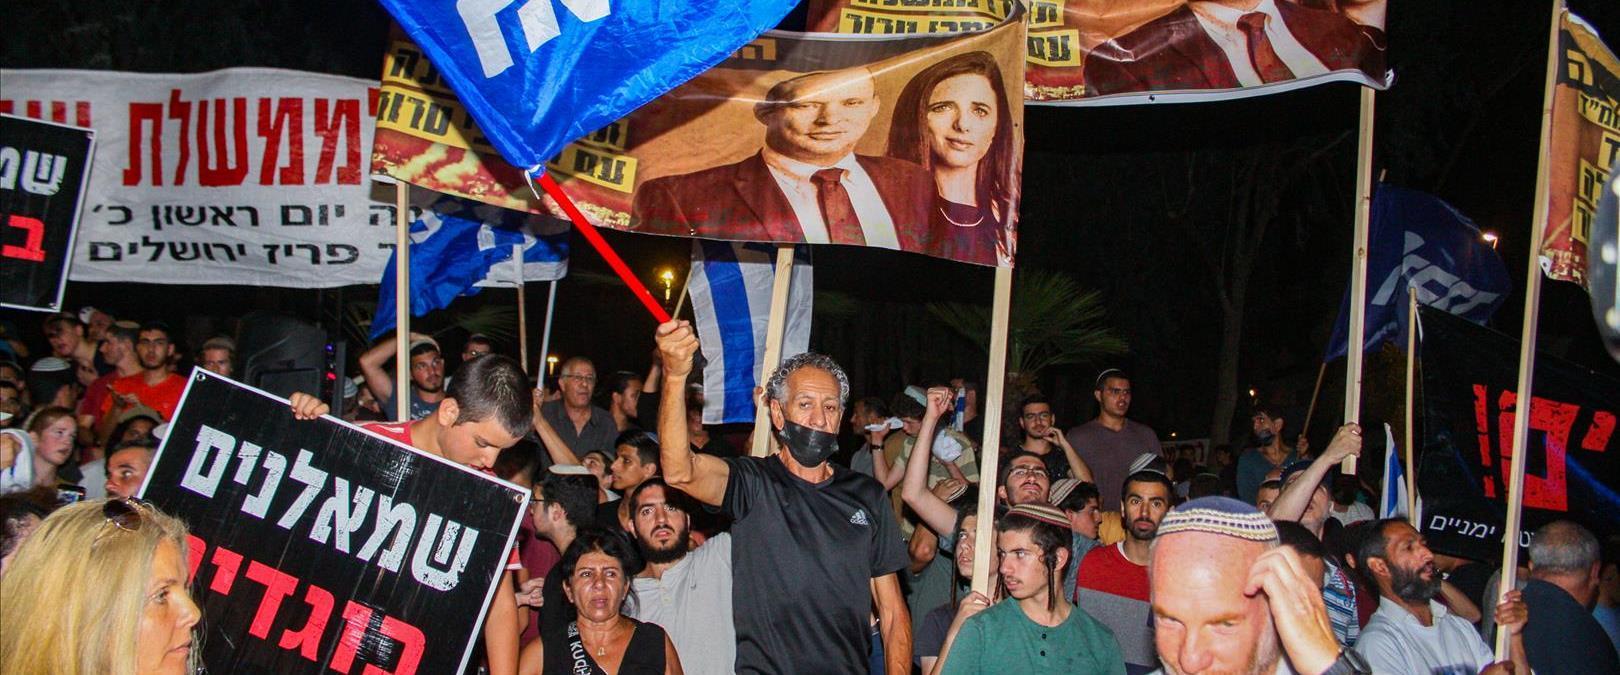 מפגינים נגד ממשלת בנט-לפיד מחוץ לביתה של איילת שקד